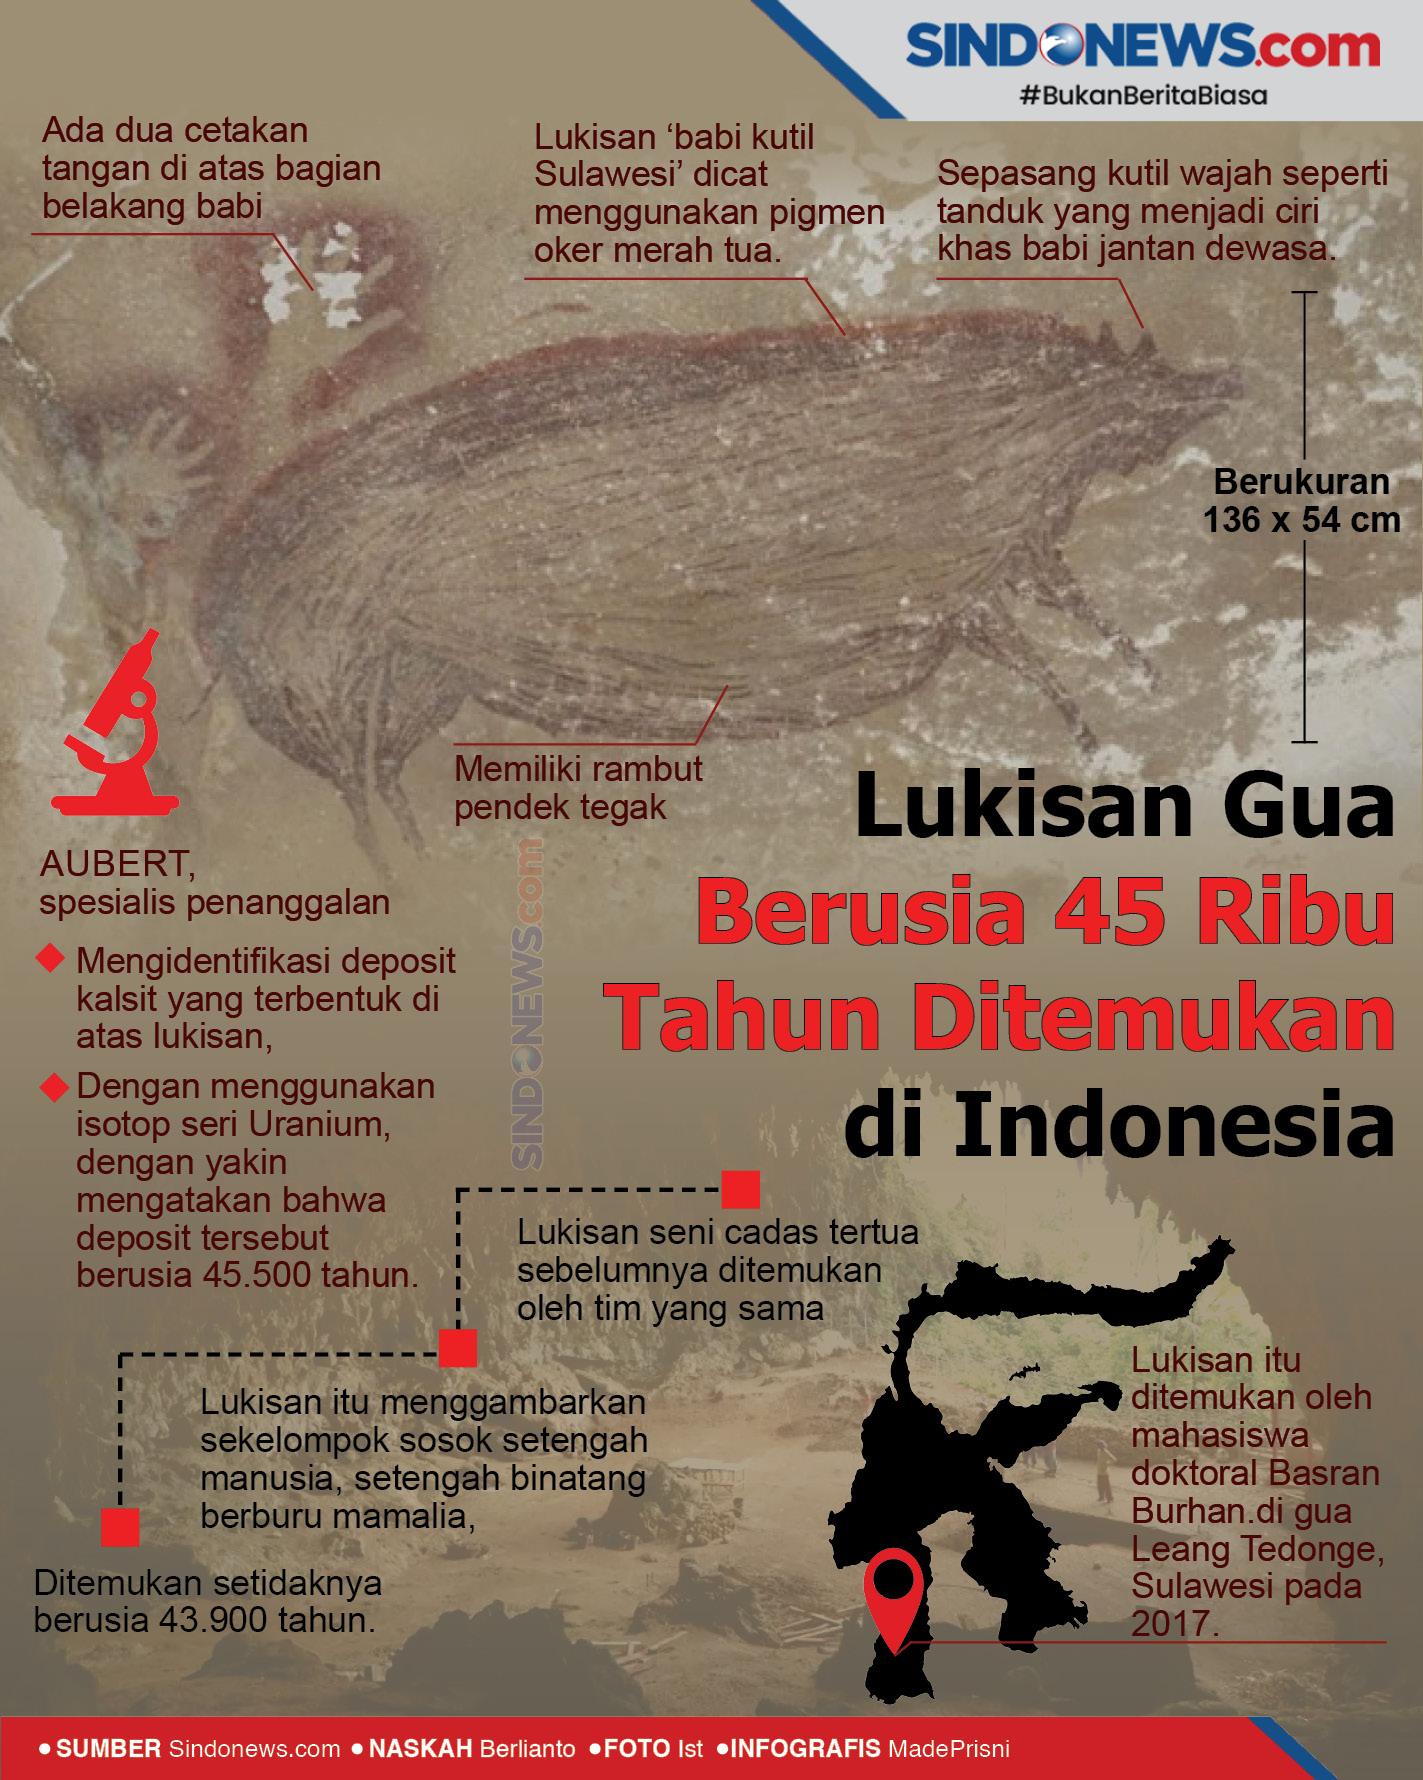 Lukisan Gua Berusia 45 Ribu Tahun Ditemukan di Indonesia